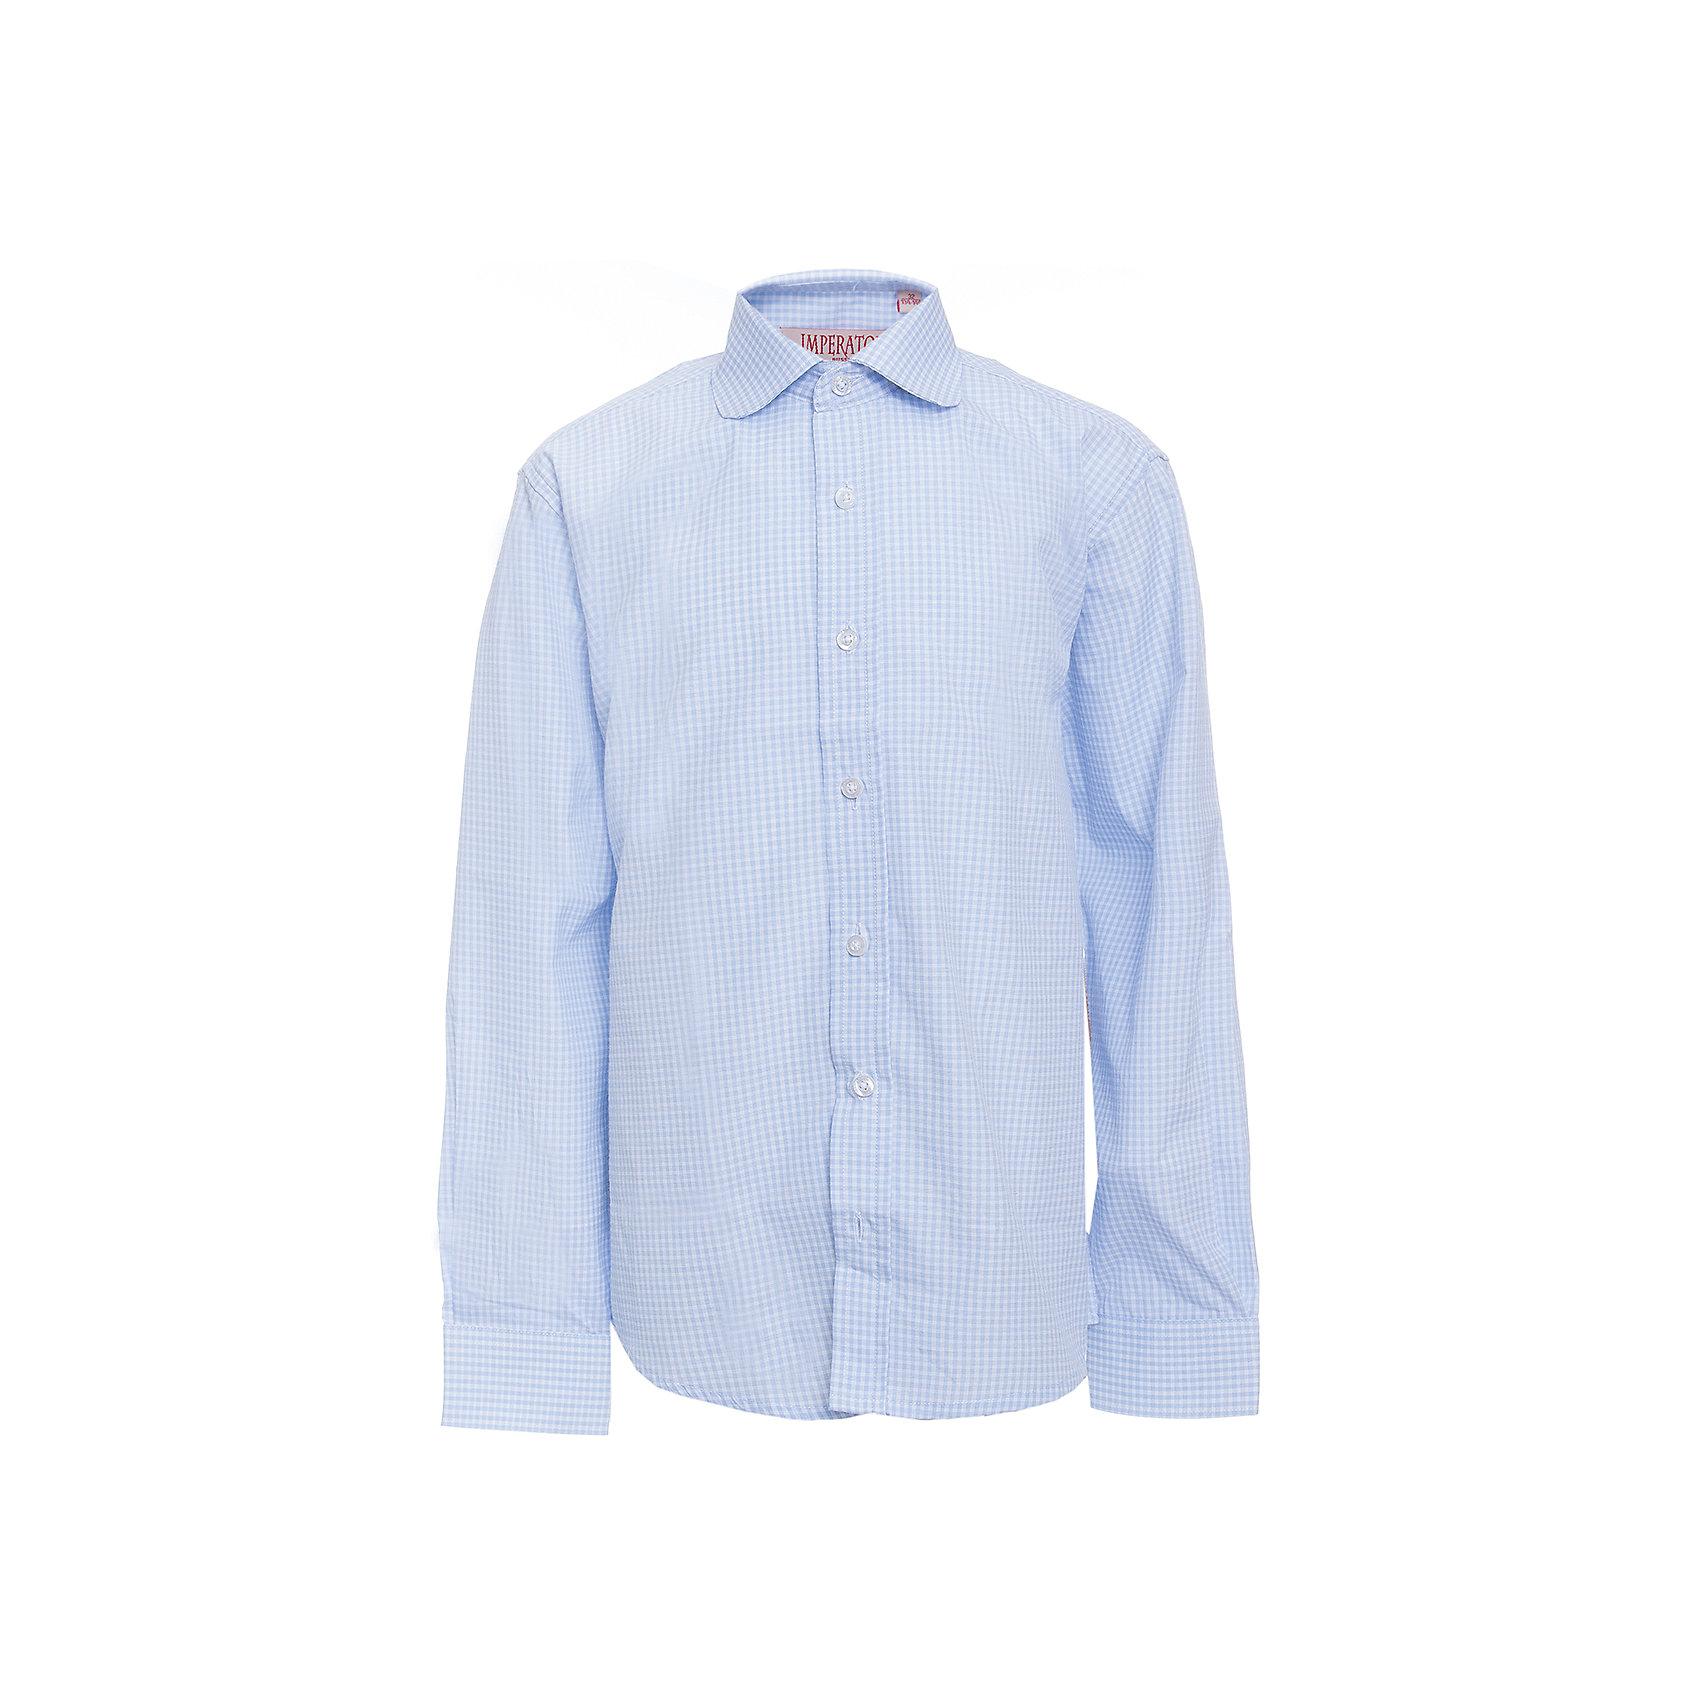 Рубашка для мальчика ImperatorБлузки и рубашки<br>Характеристики товара:<br><br>• цвет: голубой<br>• состав ткани: 65% хлопок, 35% полиэстер<br>• особенности: школьная, праздничная<br>• застежка: пуговицы<br>• рукава: длинные<br>• сезон: круглый год<br>• страна бренда: Российская Федерация<br>• страна изготовитель: Китай<br><br>Классическая сорочка для мальчика - отличный вариант практичной и стильной школьной одежды.<br><br>Накладной карман, свободный покрой, дышащая ткань с преобладанием хлопка - красиво и удобно.<br><br>Рубашку для мальчика Imperator (Император) можно купить в нашем интернет-магазине.<br><br>Ширина мм: 174<br>Глубина мм: 10<br>Высота мм: 169<br>Вес г: 157<br>Цвет: голубой<br>Возраст от месяцев: 156<br>Возраст до месяцев: 168<br>Пол: Мужской<br>Возраст: Детский<br>Размер: 164/170,122/128,128/134,134/140,140/146,146/152,146/152,152/158,152/158,158/164<br>SKU: 6860754